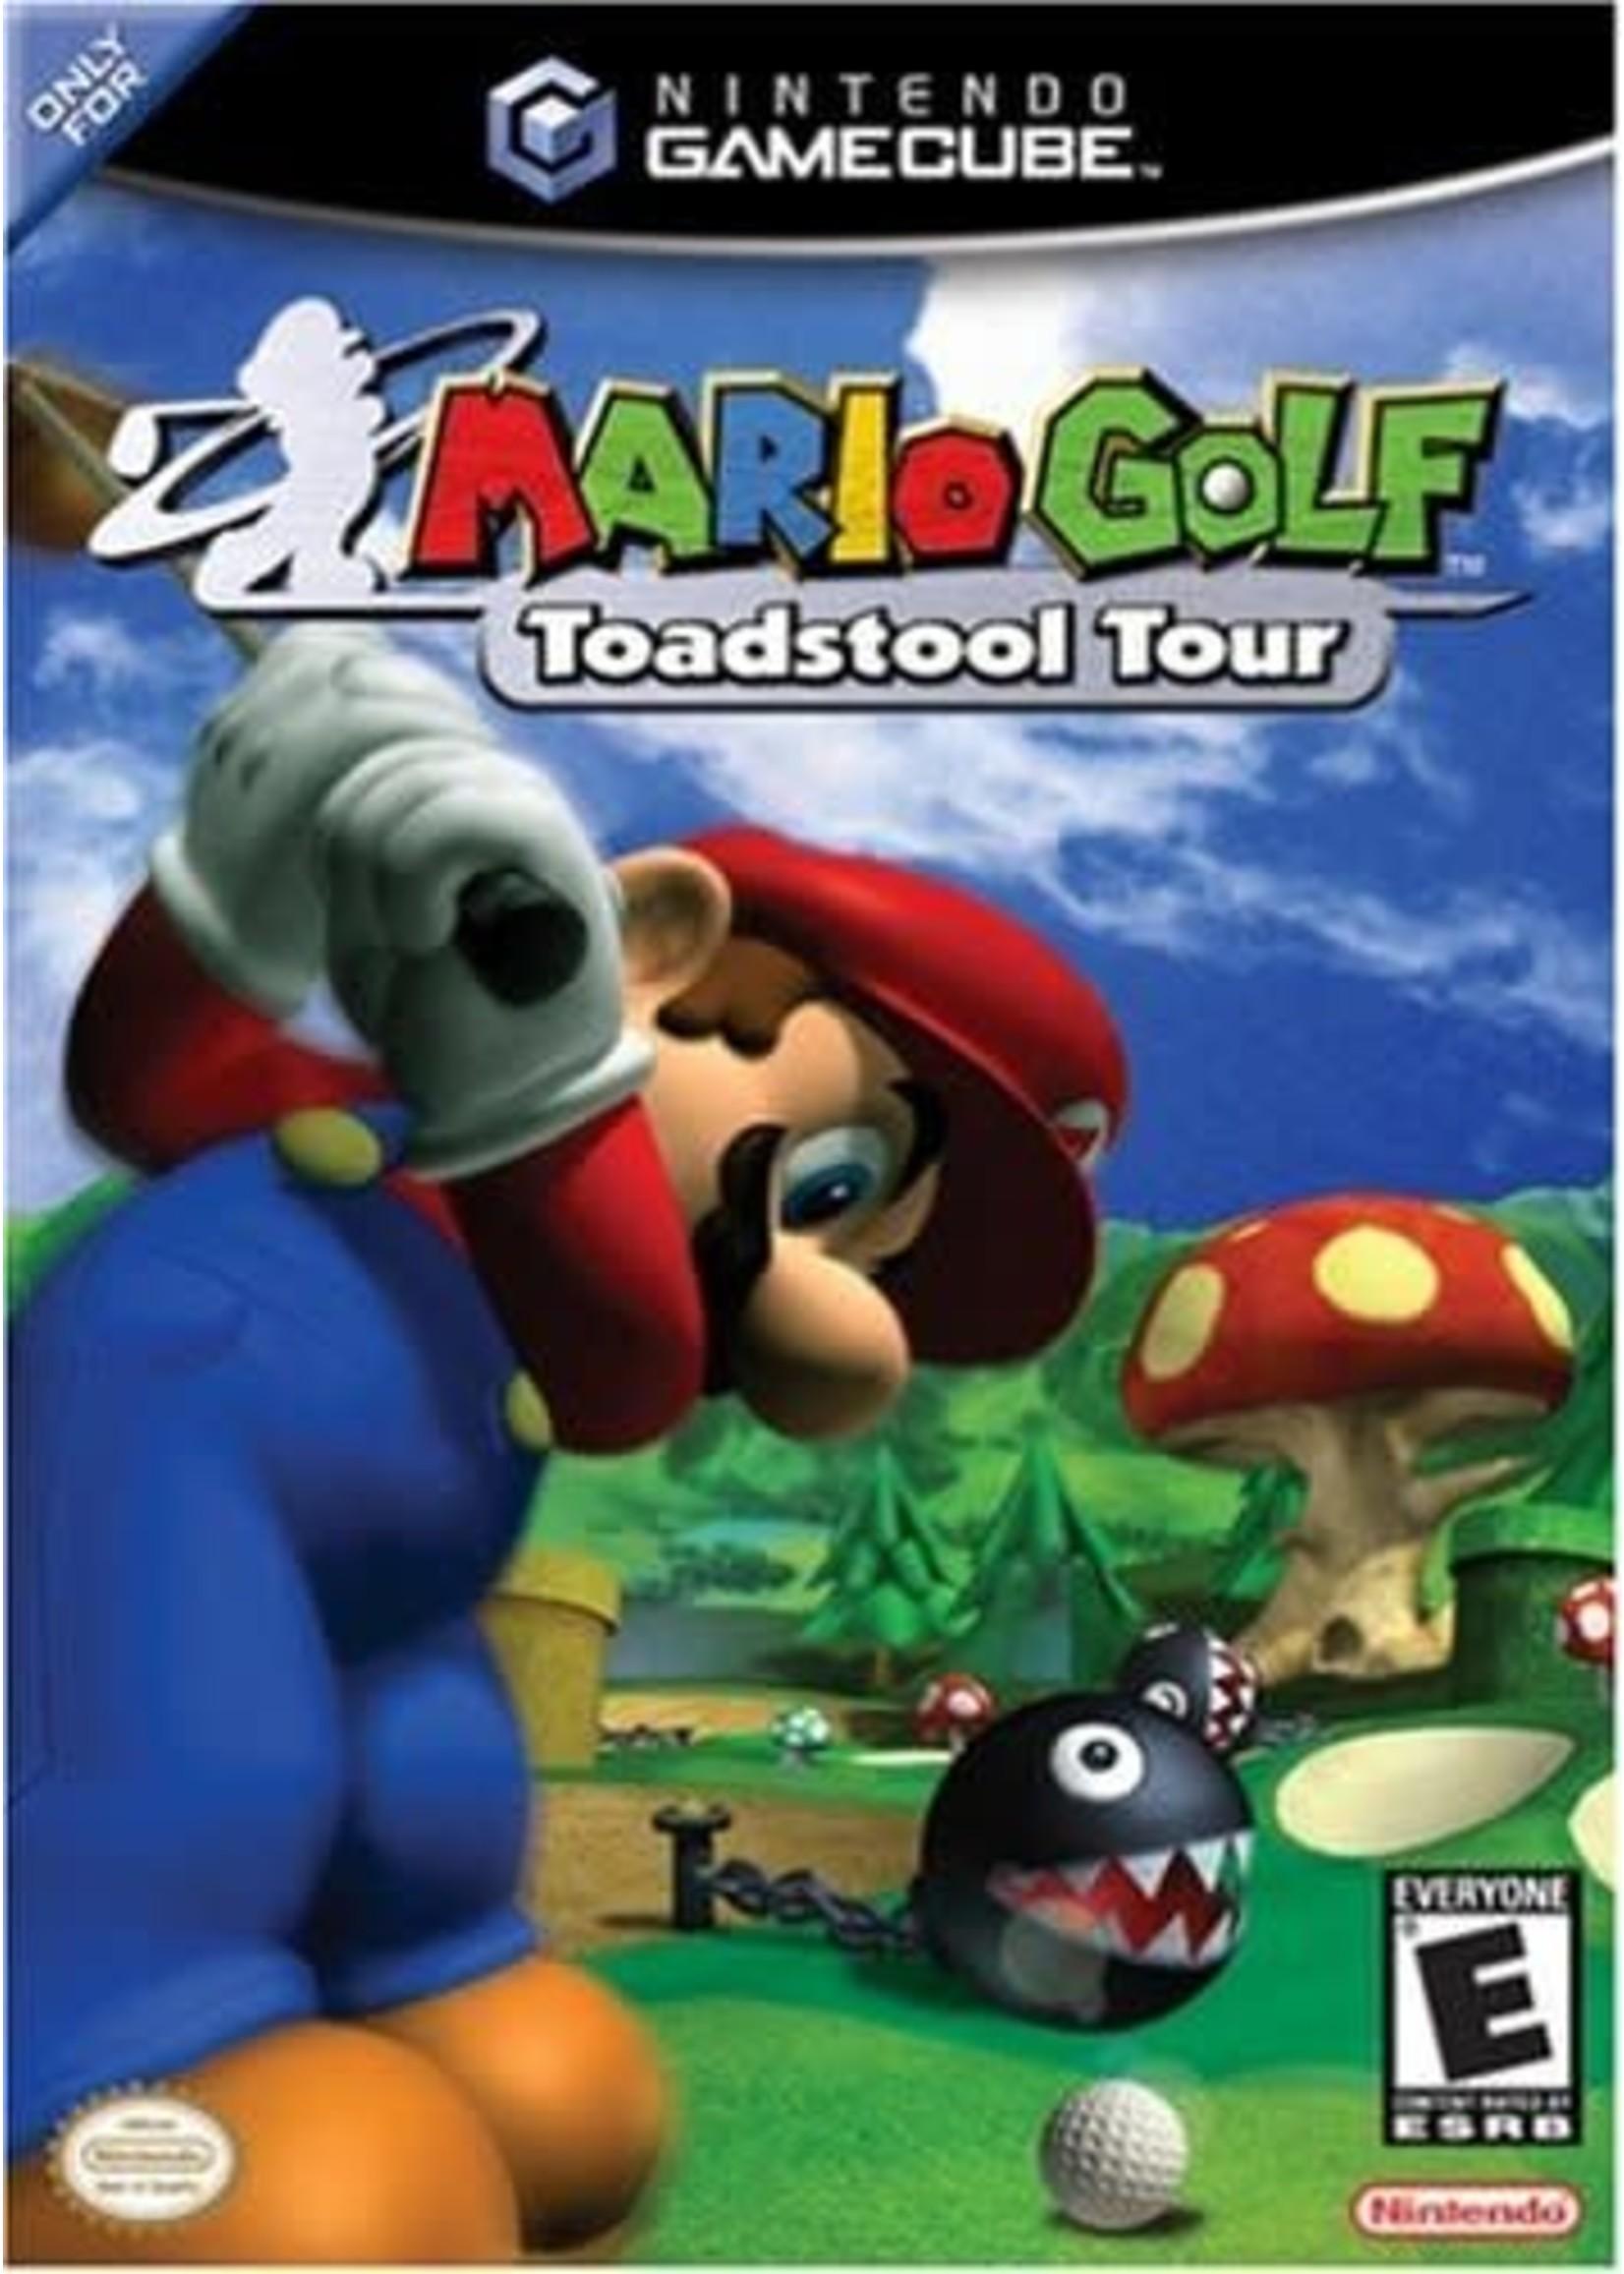 Mario Golf: Toadstool Tour - NGC PrePlayed